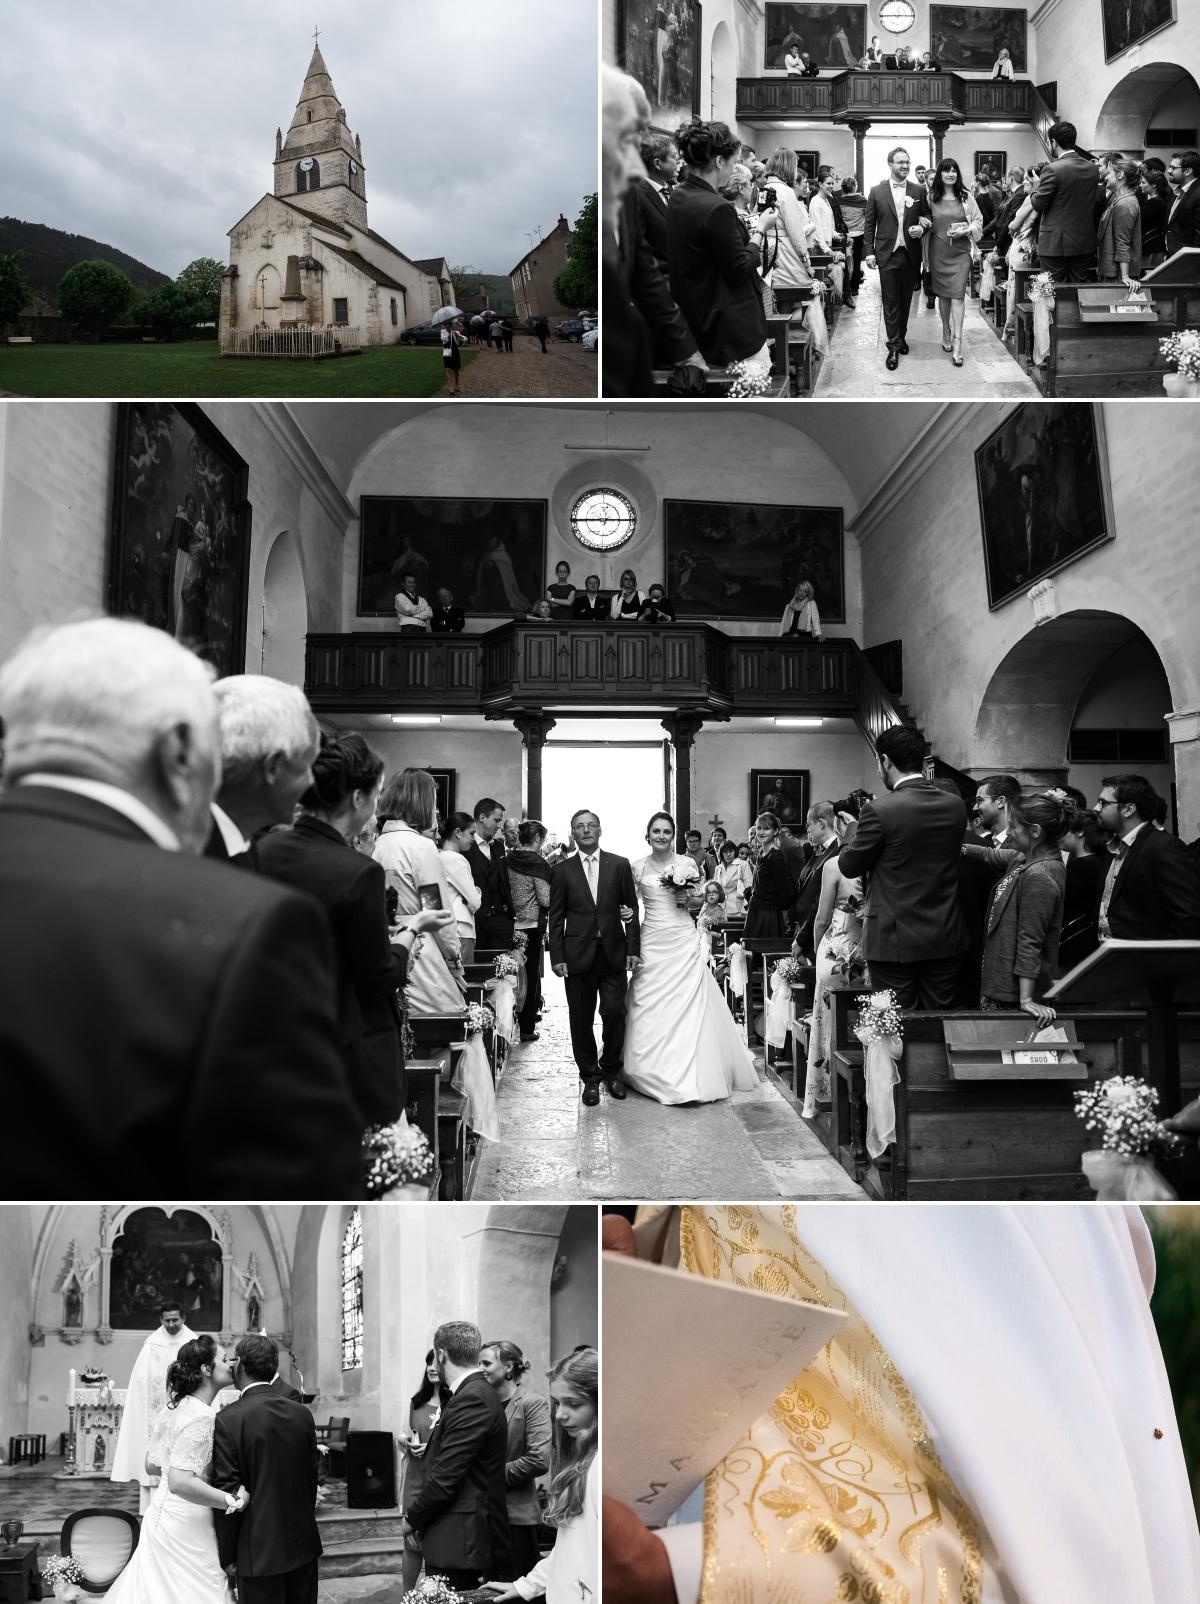 Mariage à L'eglise - Meursault - Côte de Beaune - Bourgogne - Sonia Blanc photographe